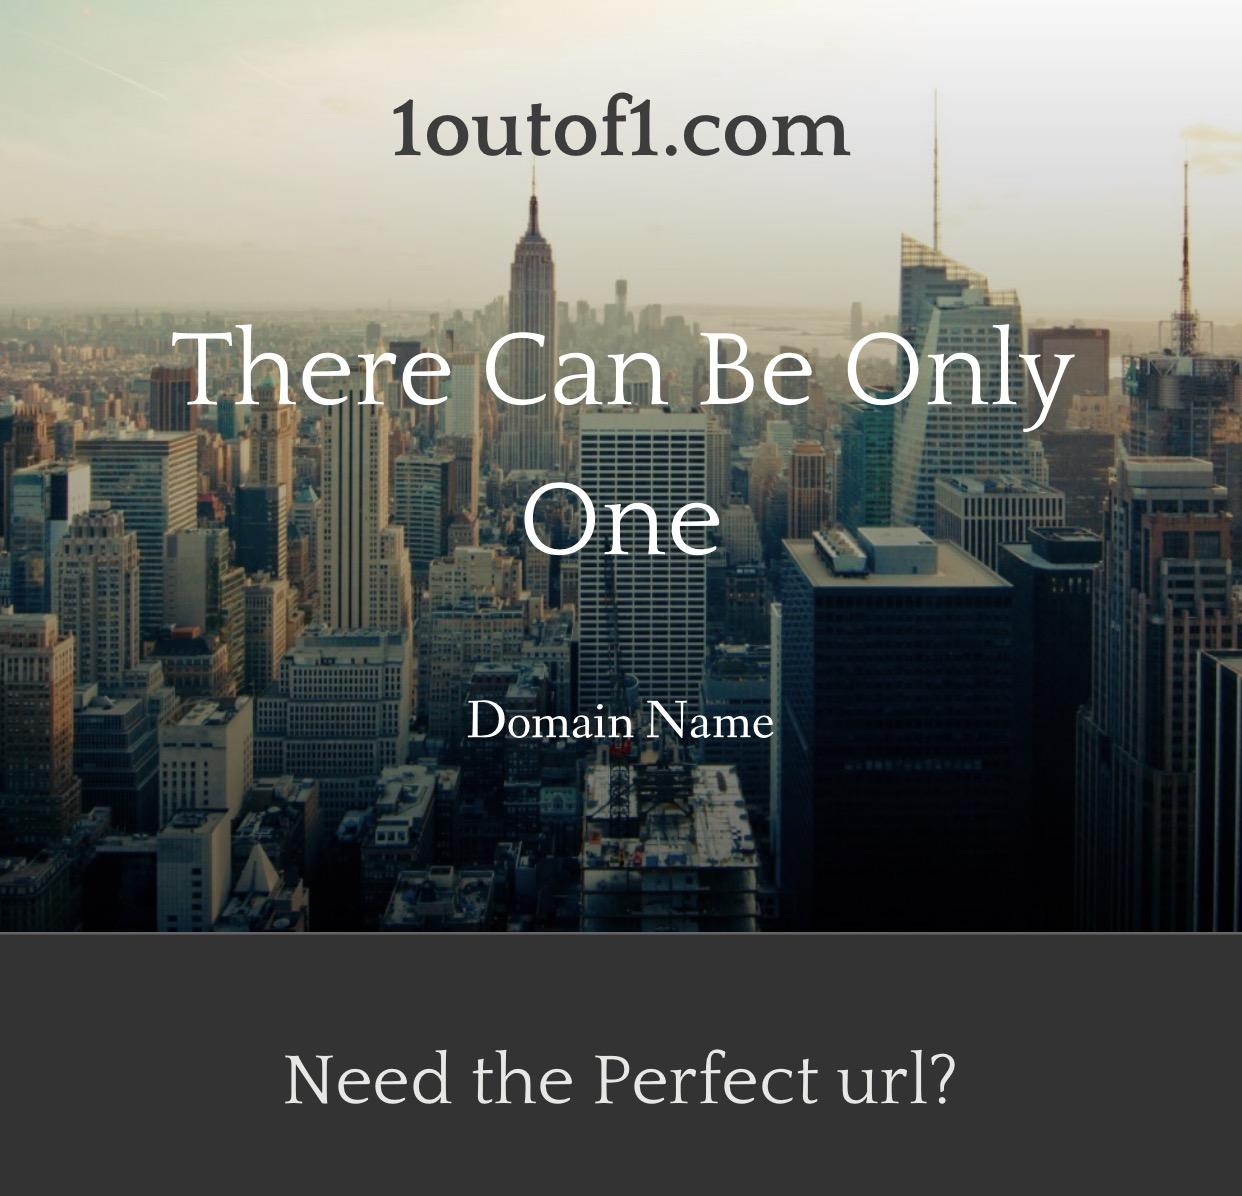 1outof1.com